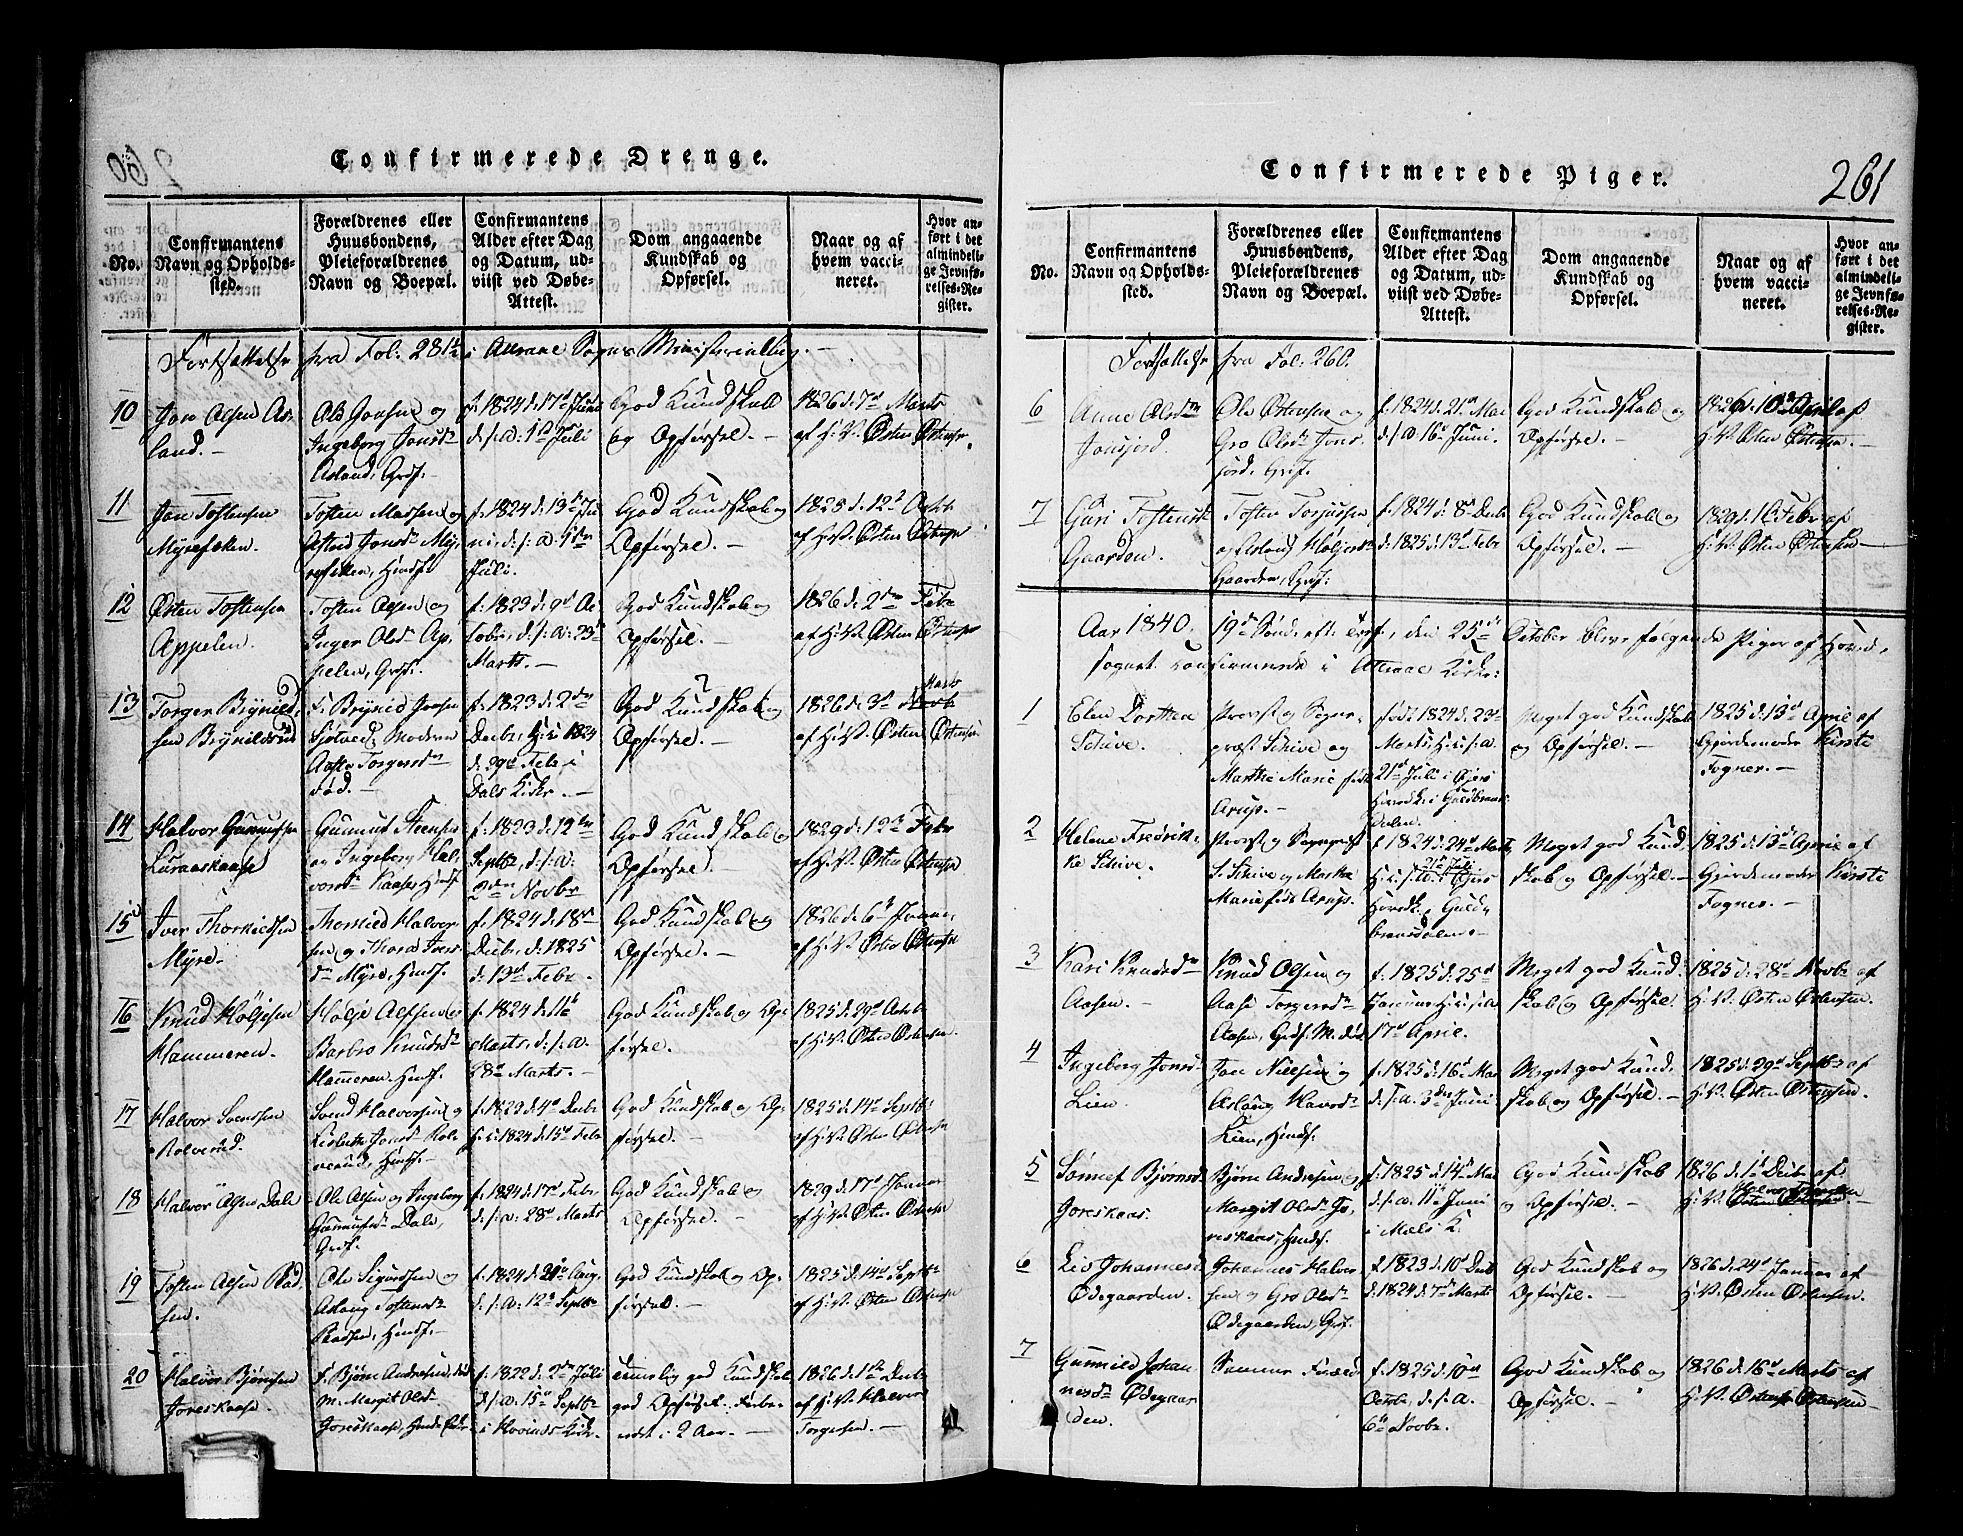 SAKO, Tinn kirkebøker, G/Gb/L0001: Klokkerbok nr. II 1 /2, 1837-1850, s. 261